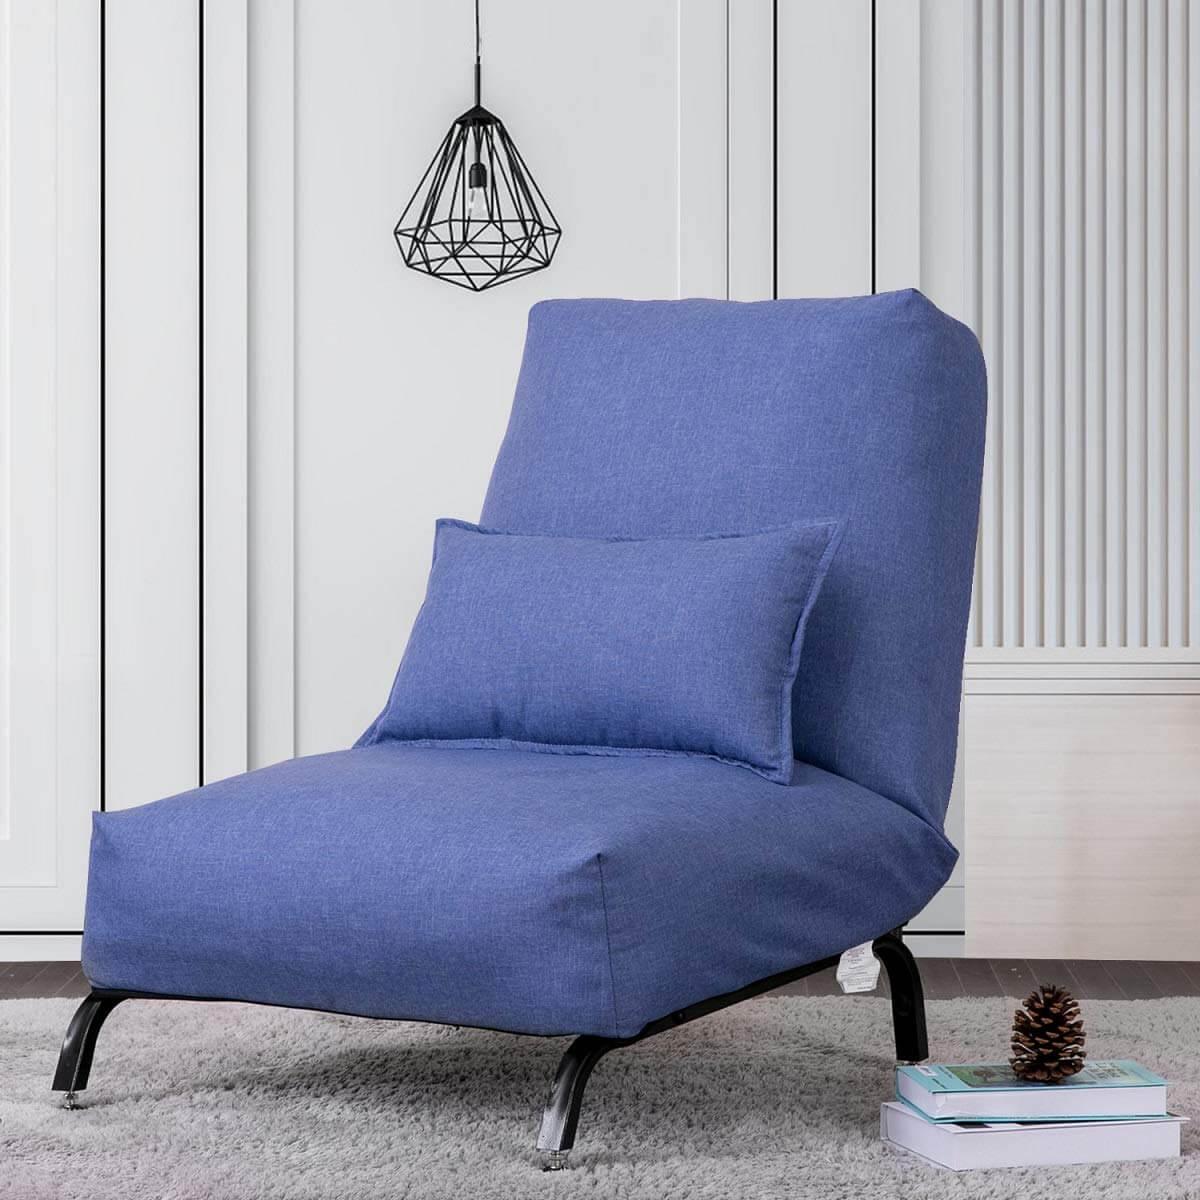 Soft Light Blue Linen Tub Chair